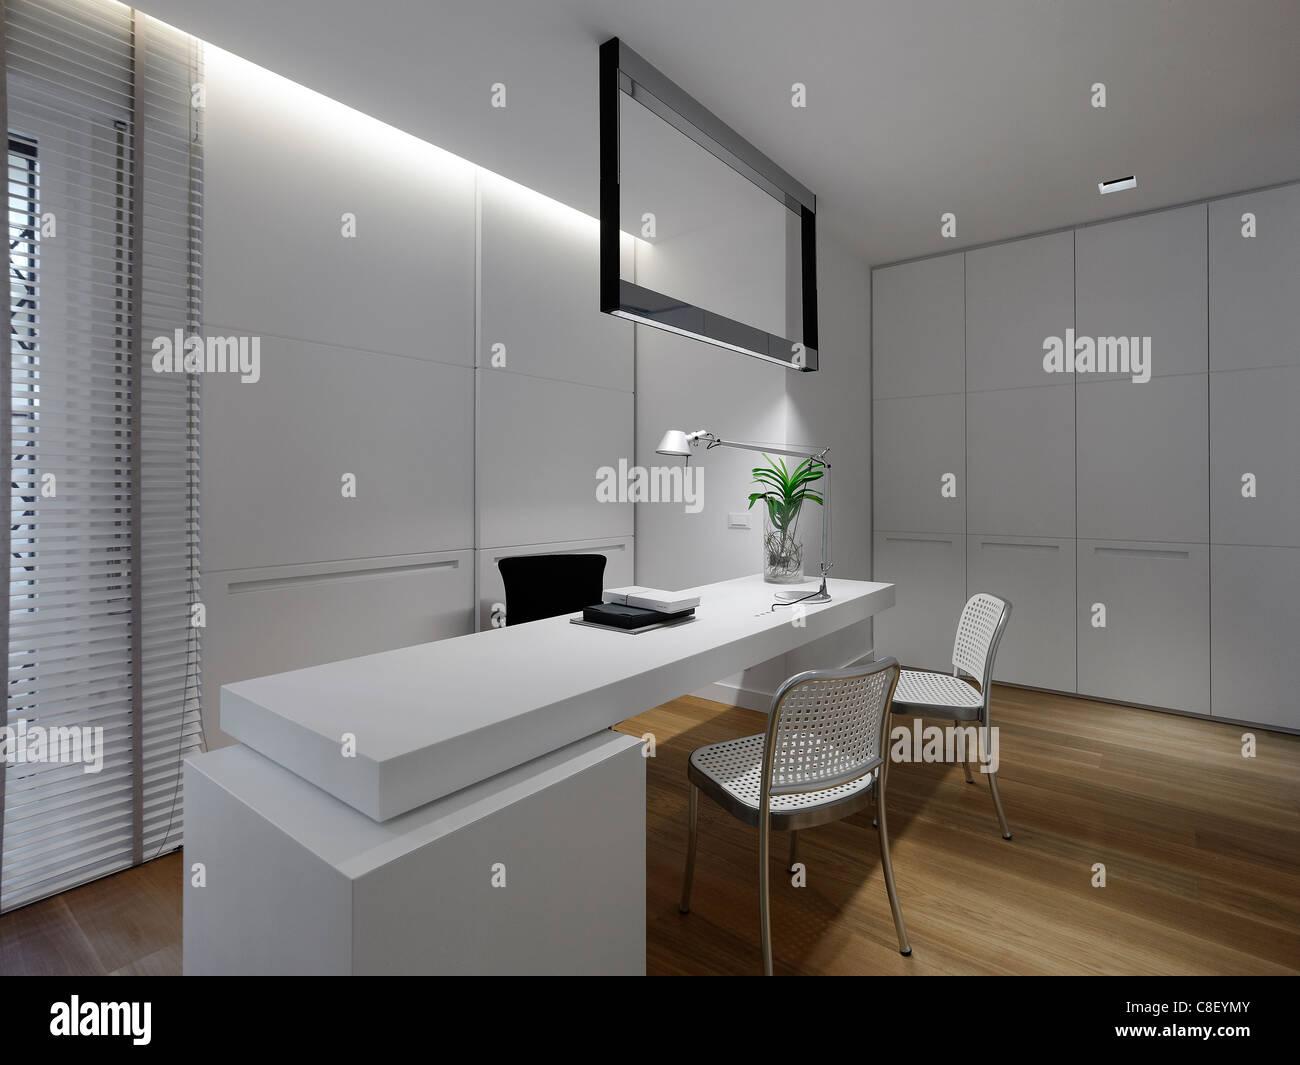 Espacios De Oficina Of Interior De Un Espacio De Oficina Foto Imagen De Stock